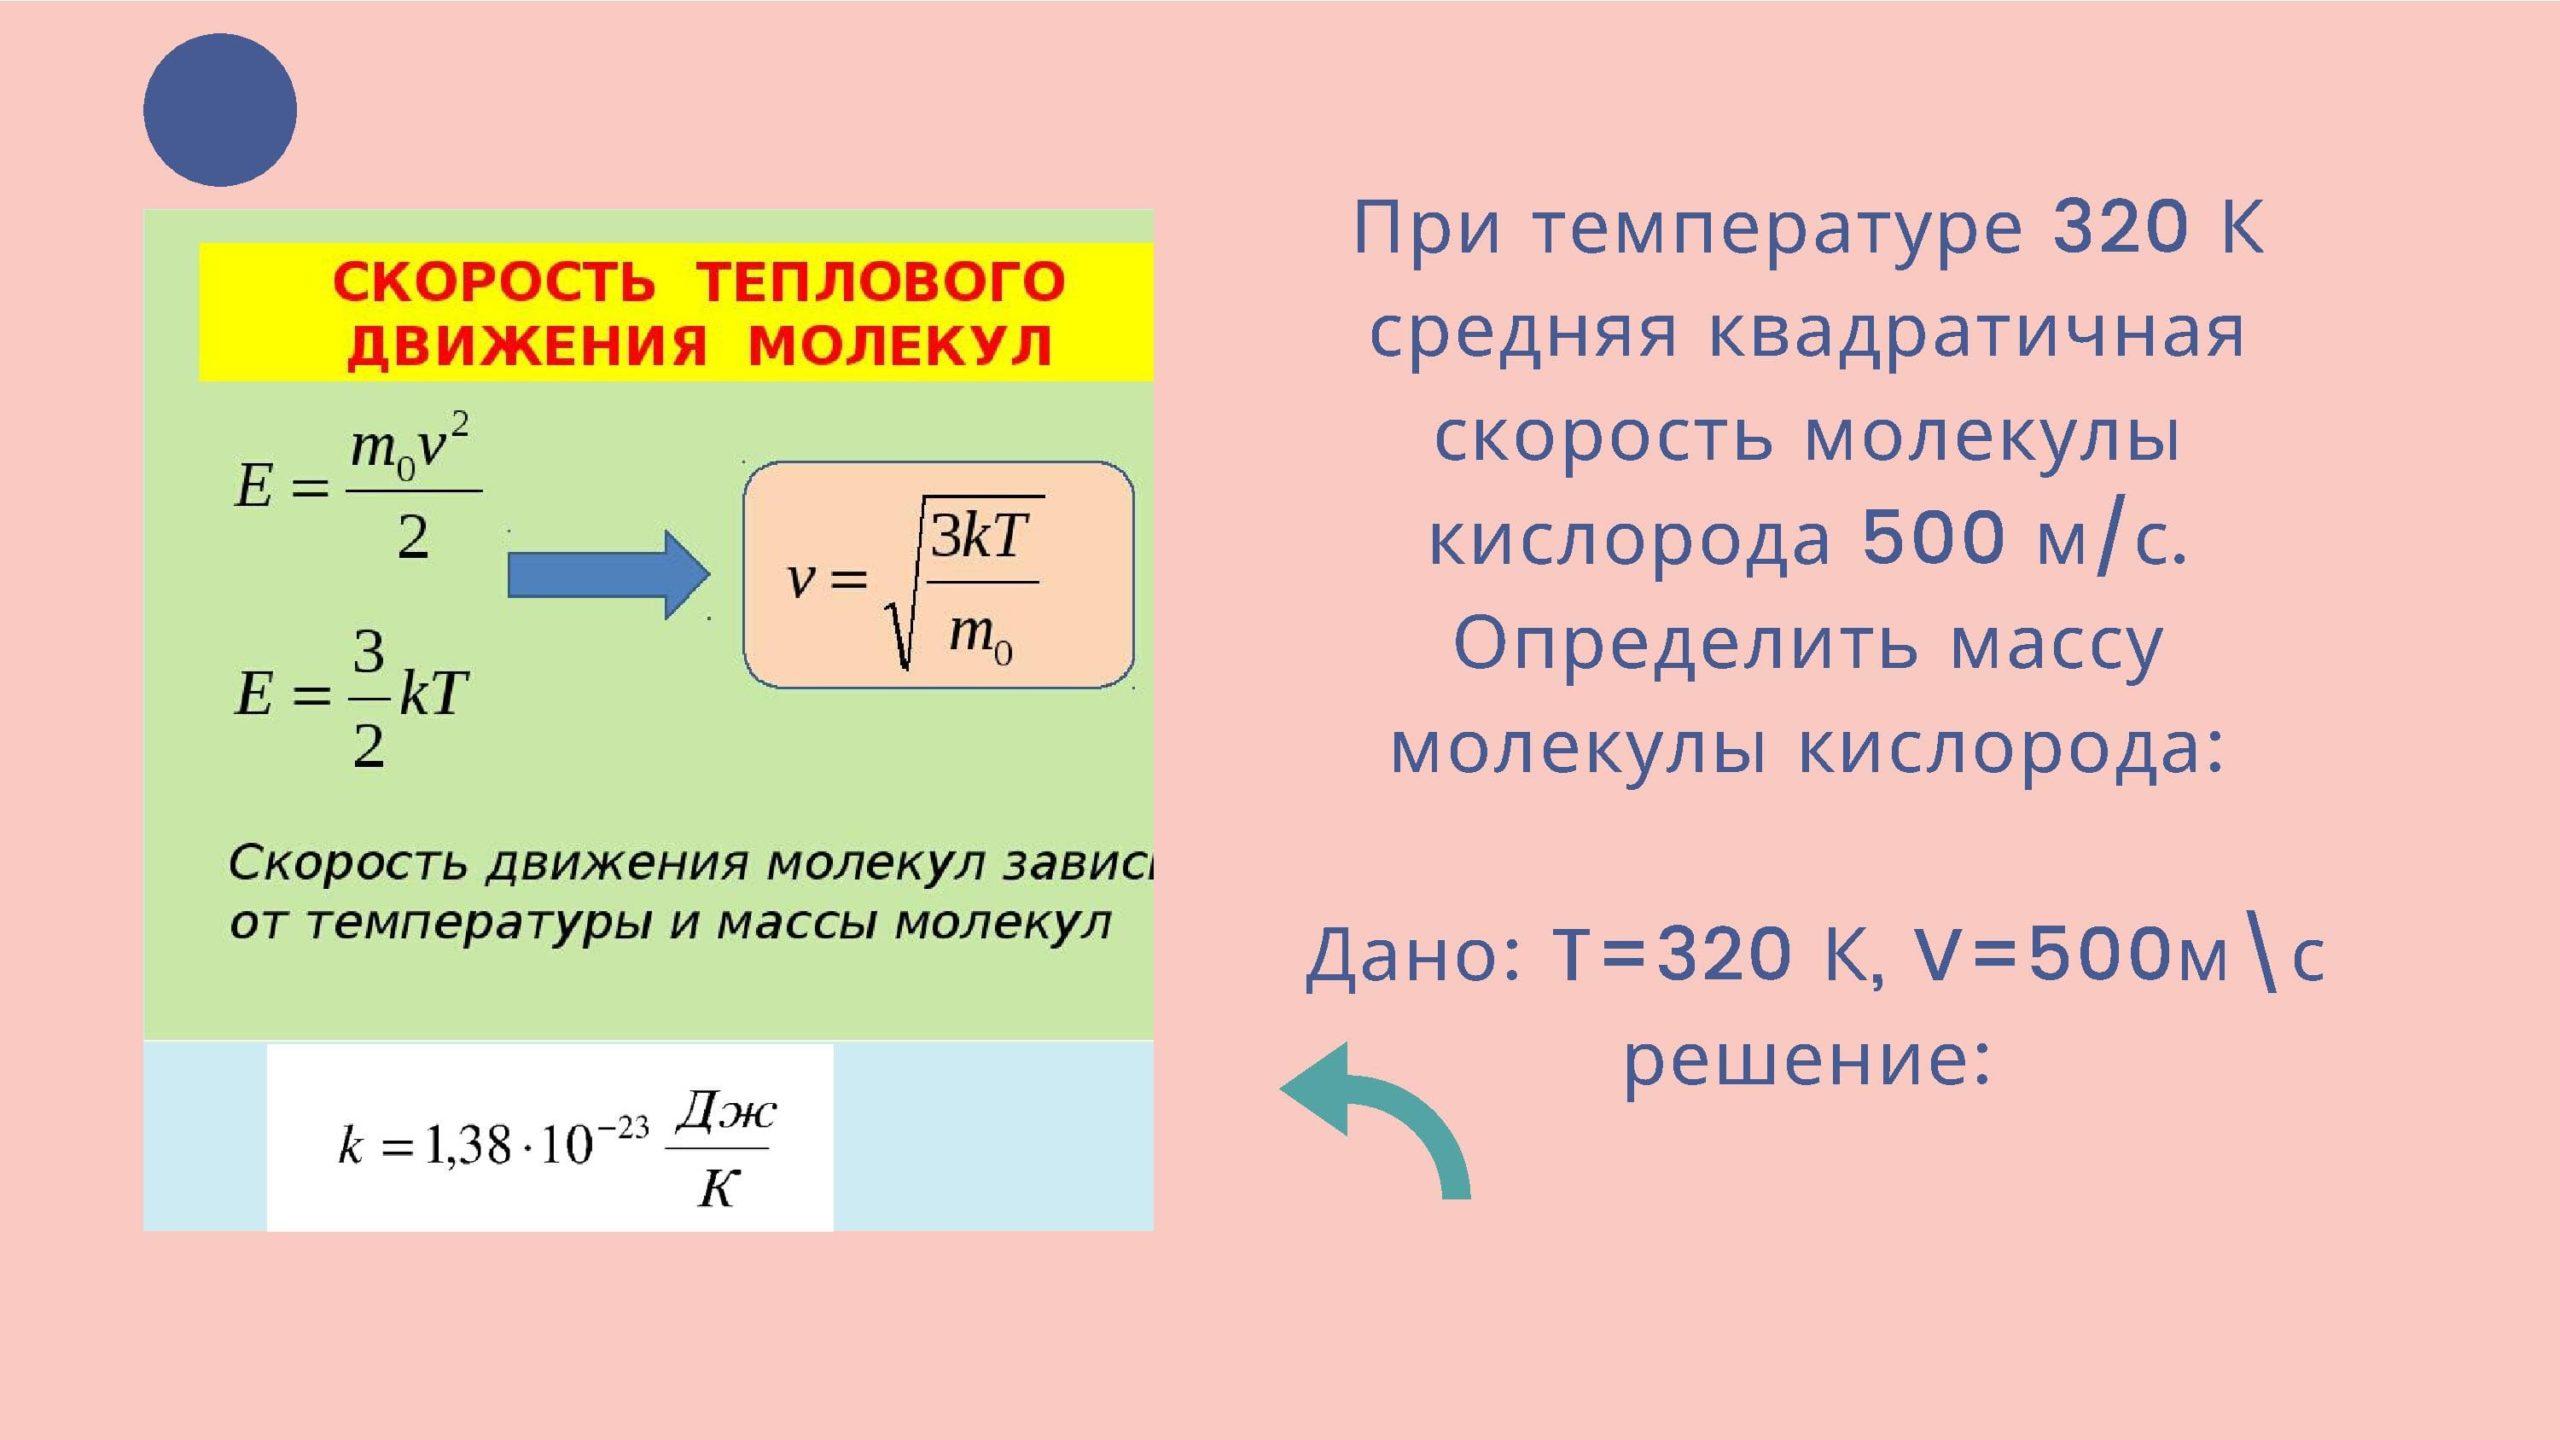 Скорость теплового движения молекул